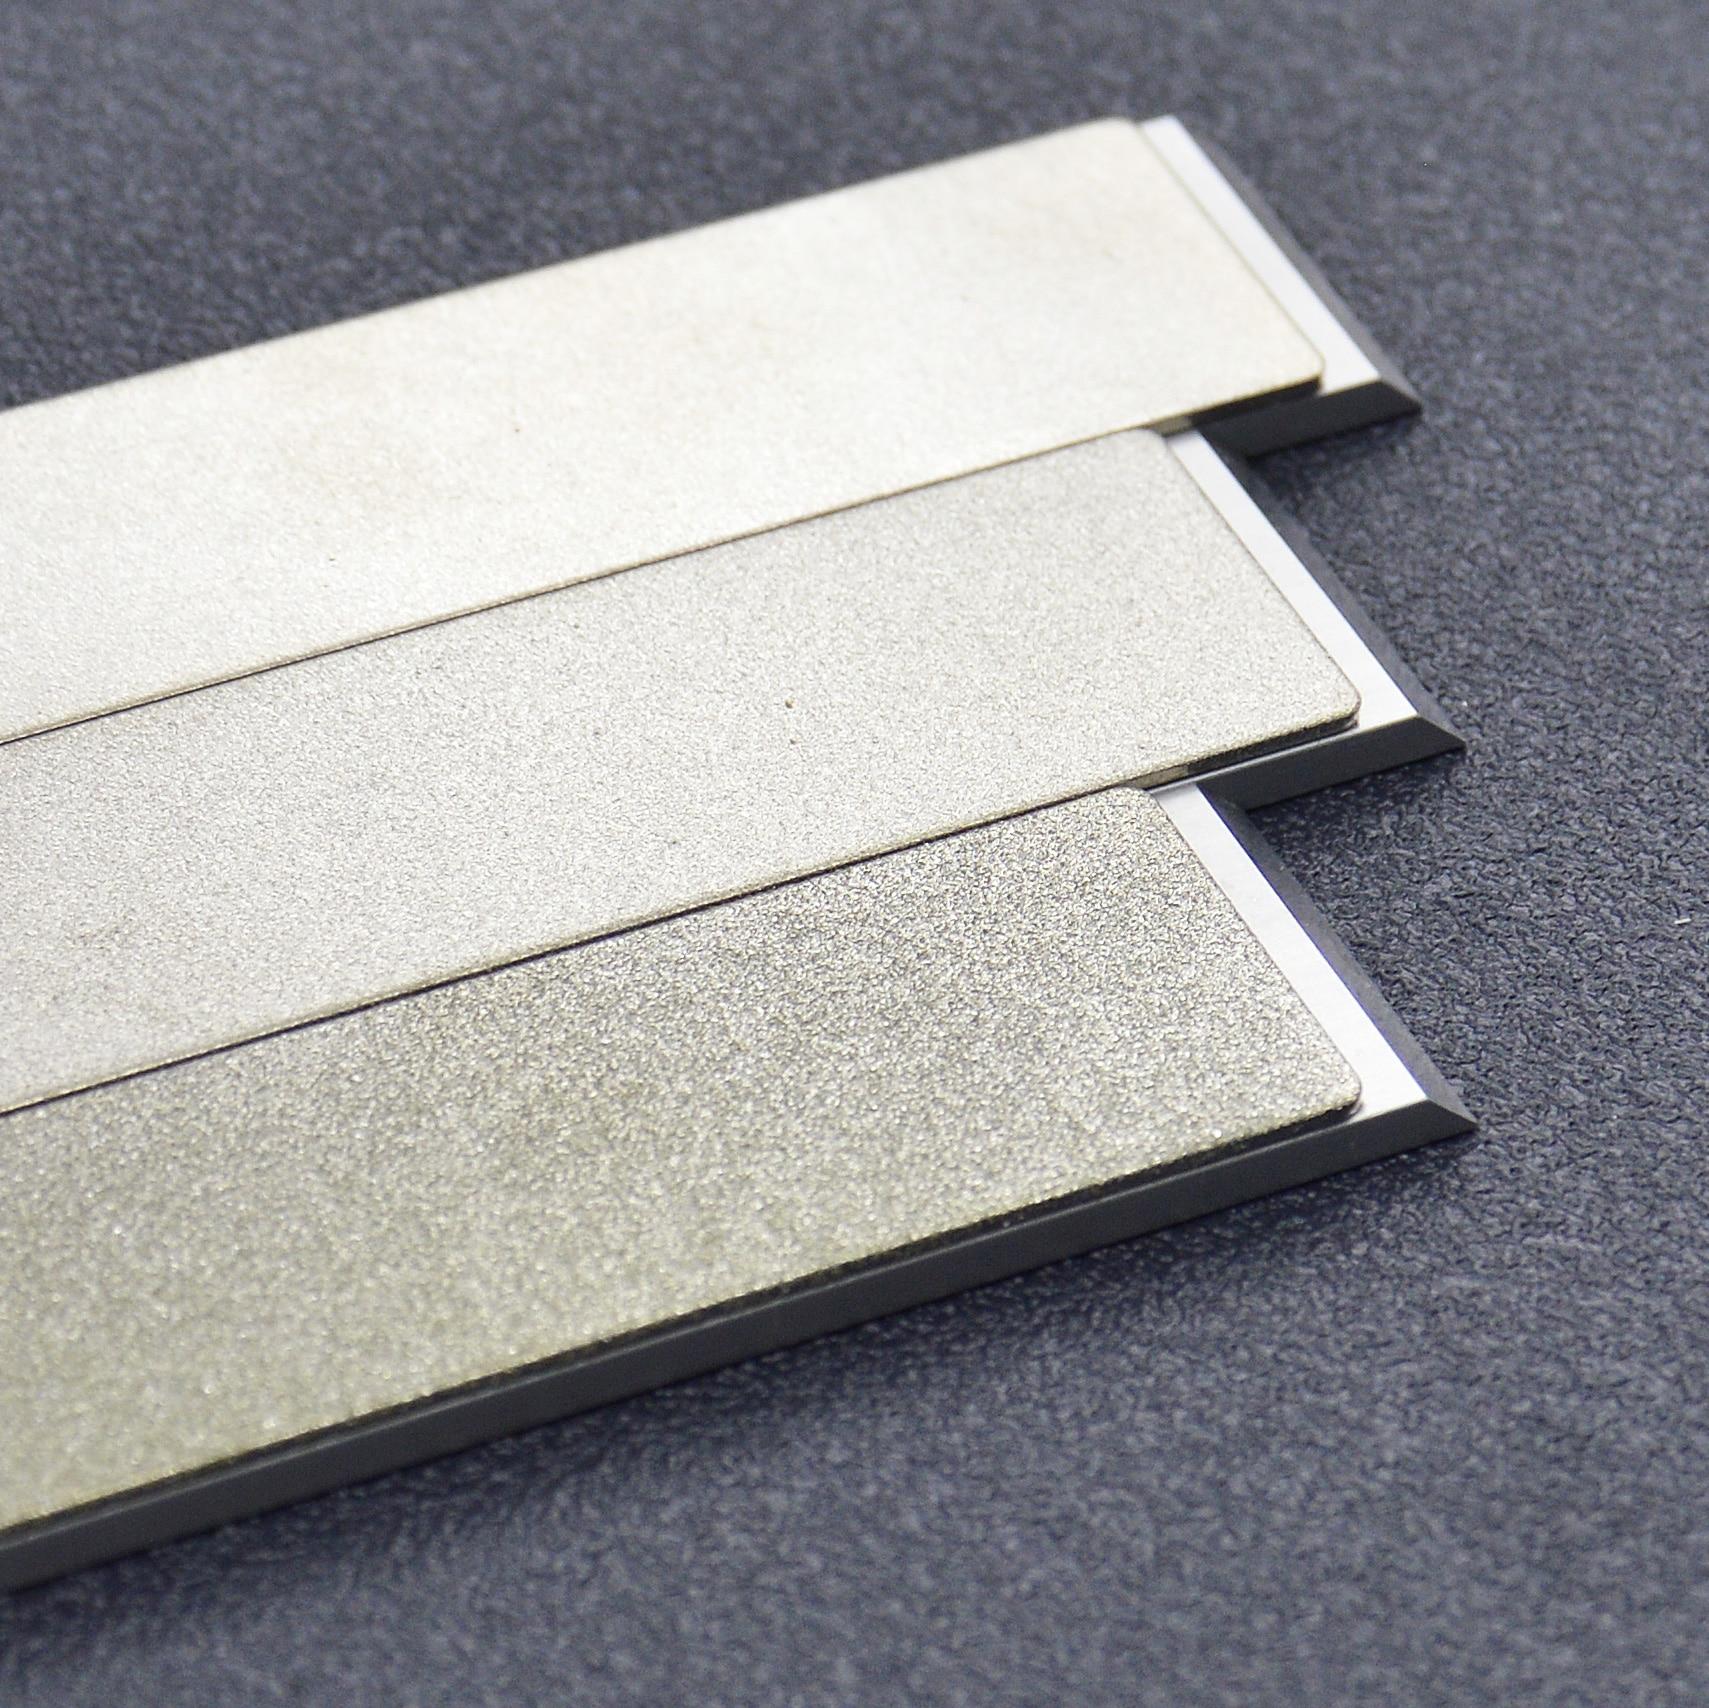 Комплект алмазных брусков Жук Diamond 240, 600, 1000 grit, 25мм - туристическое снаряжение в Минске. Фото �3